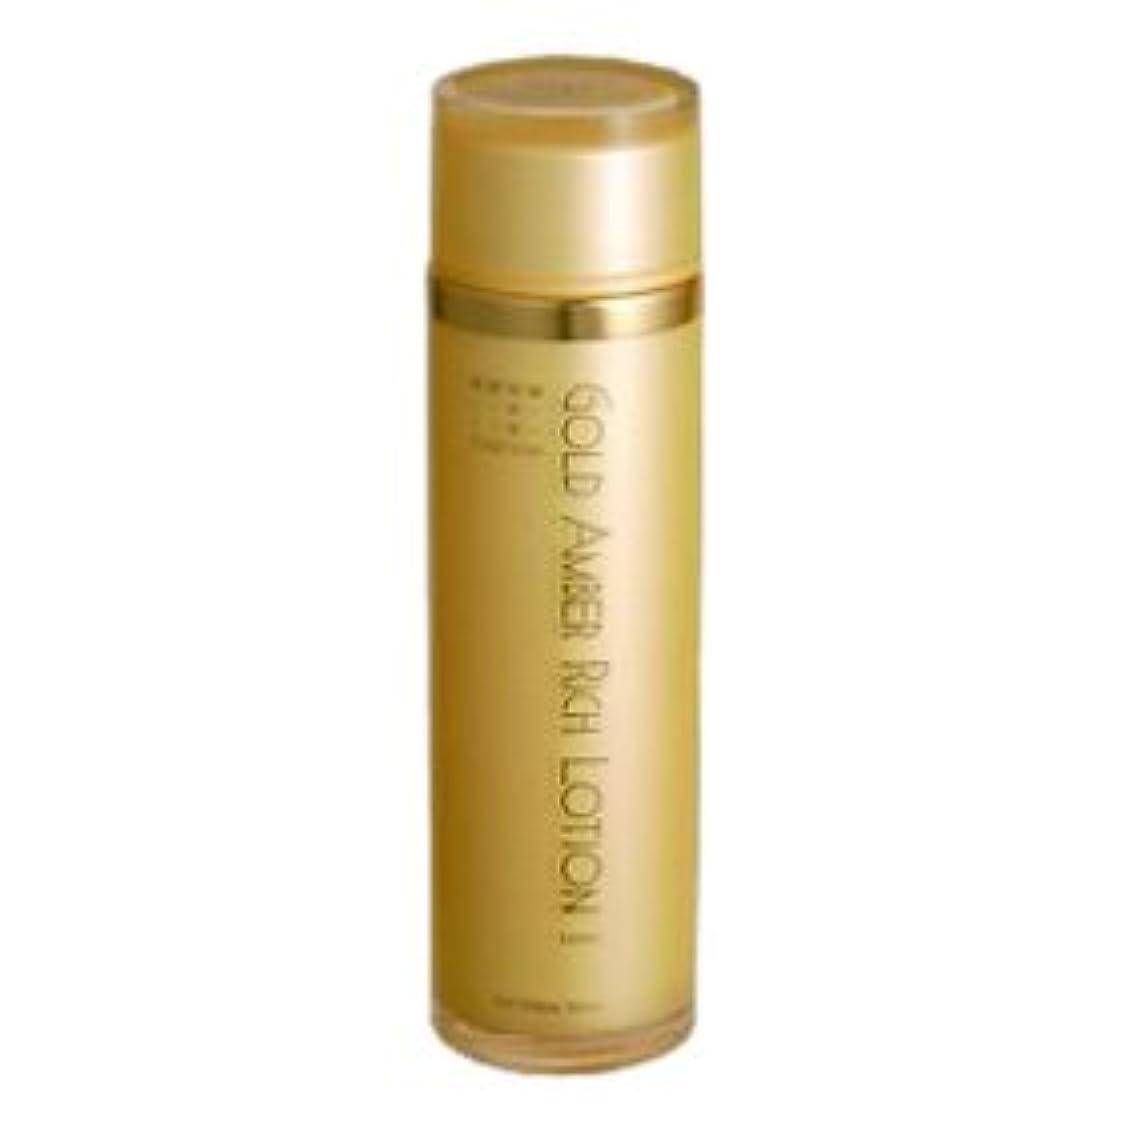 ホイスト雄弁昇進コスメプラウド ゴールドアンバーリッチローション120ml(化粧水)